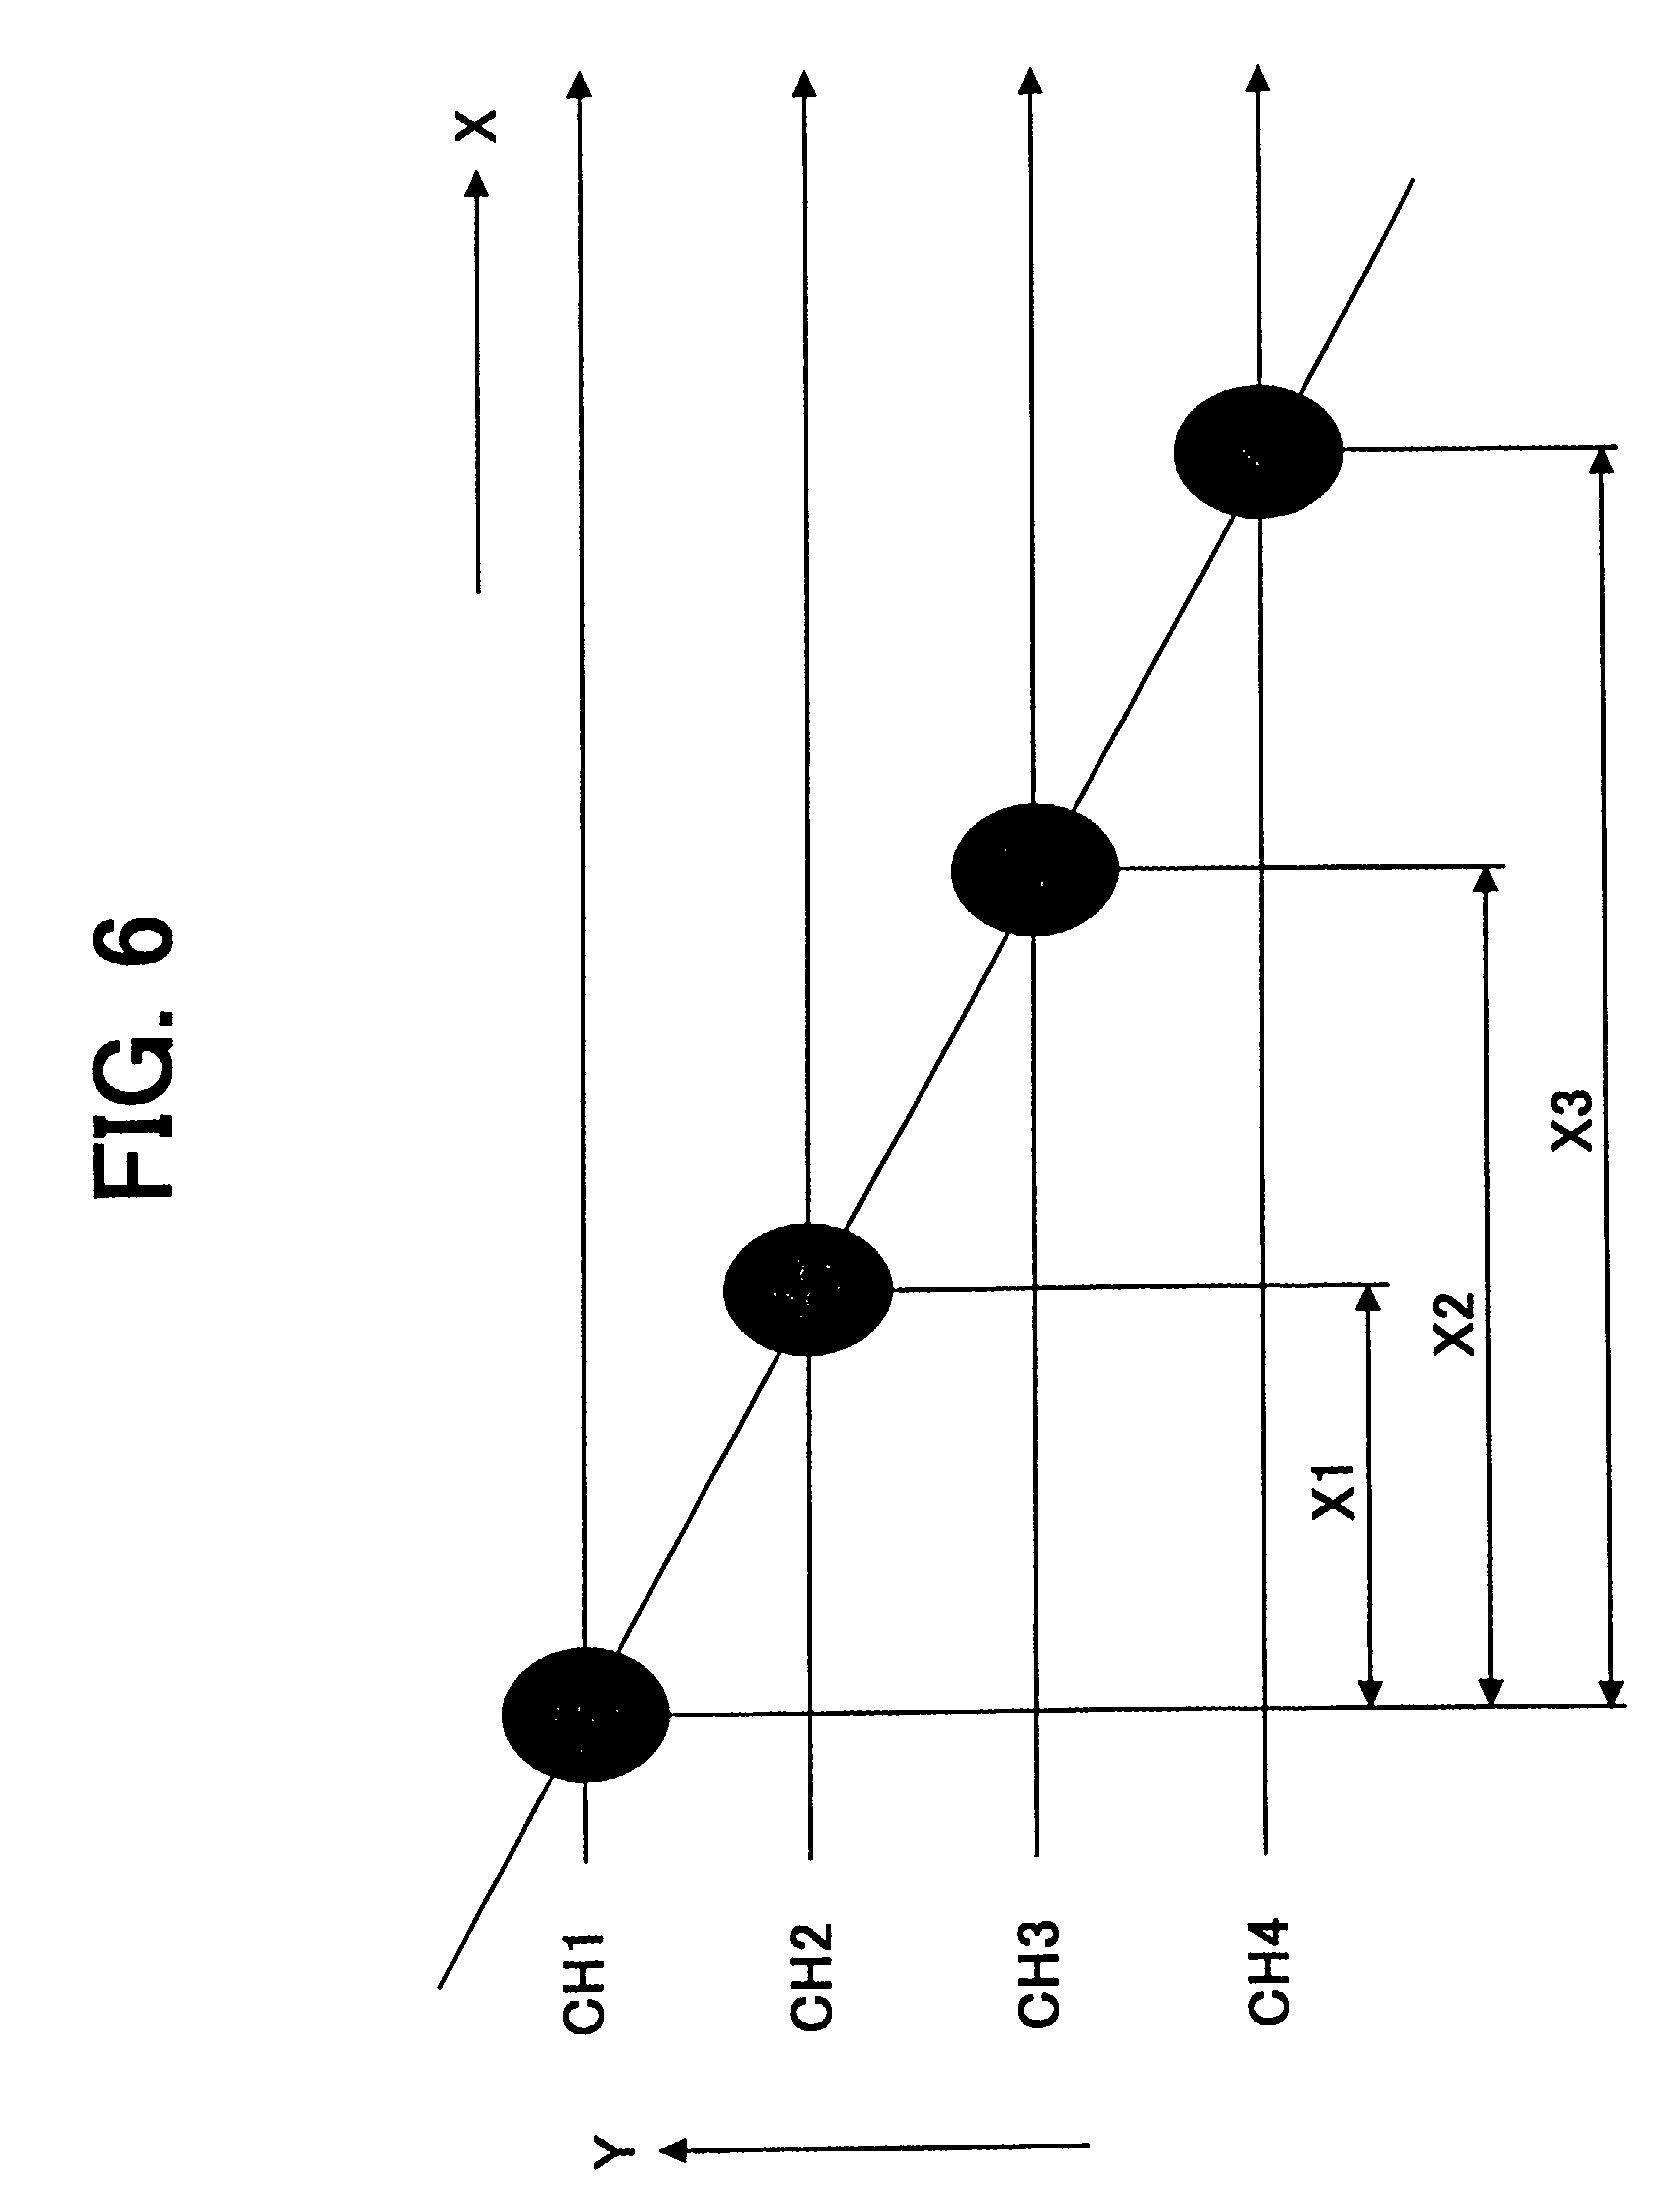 专利ep1239656a1 - method